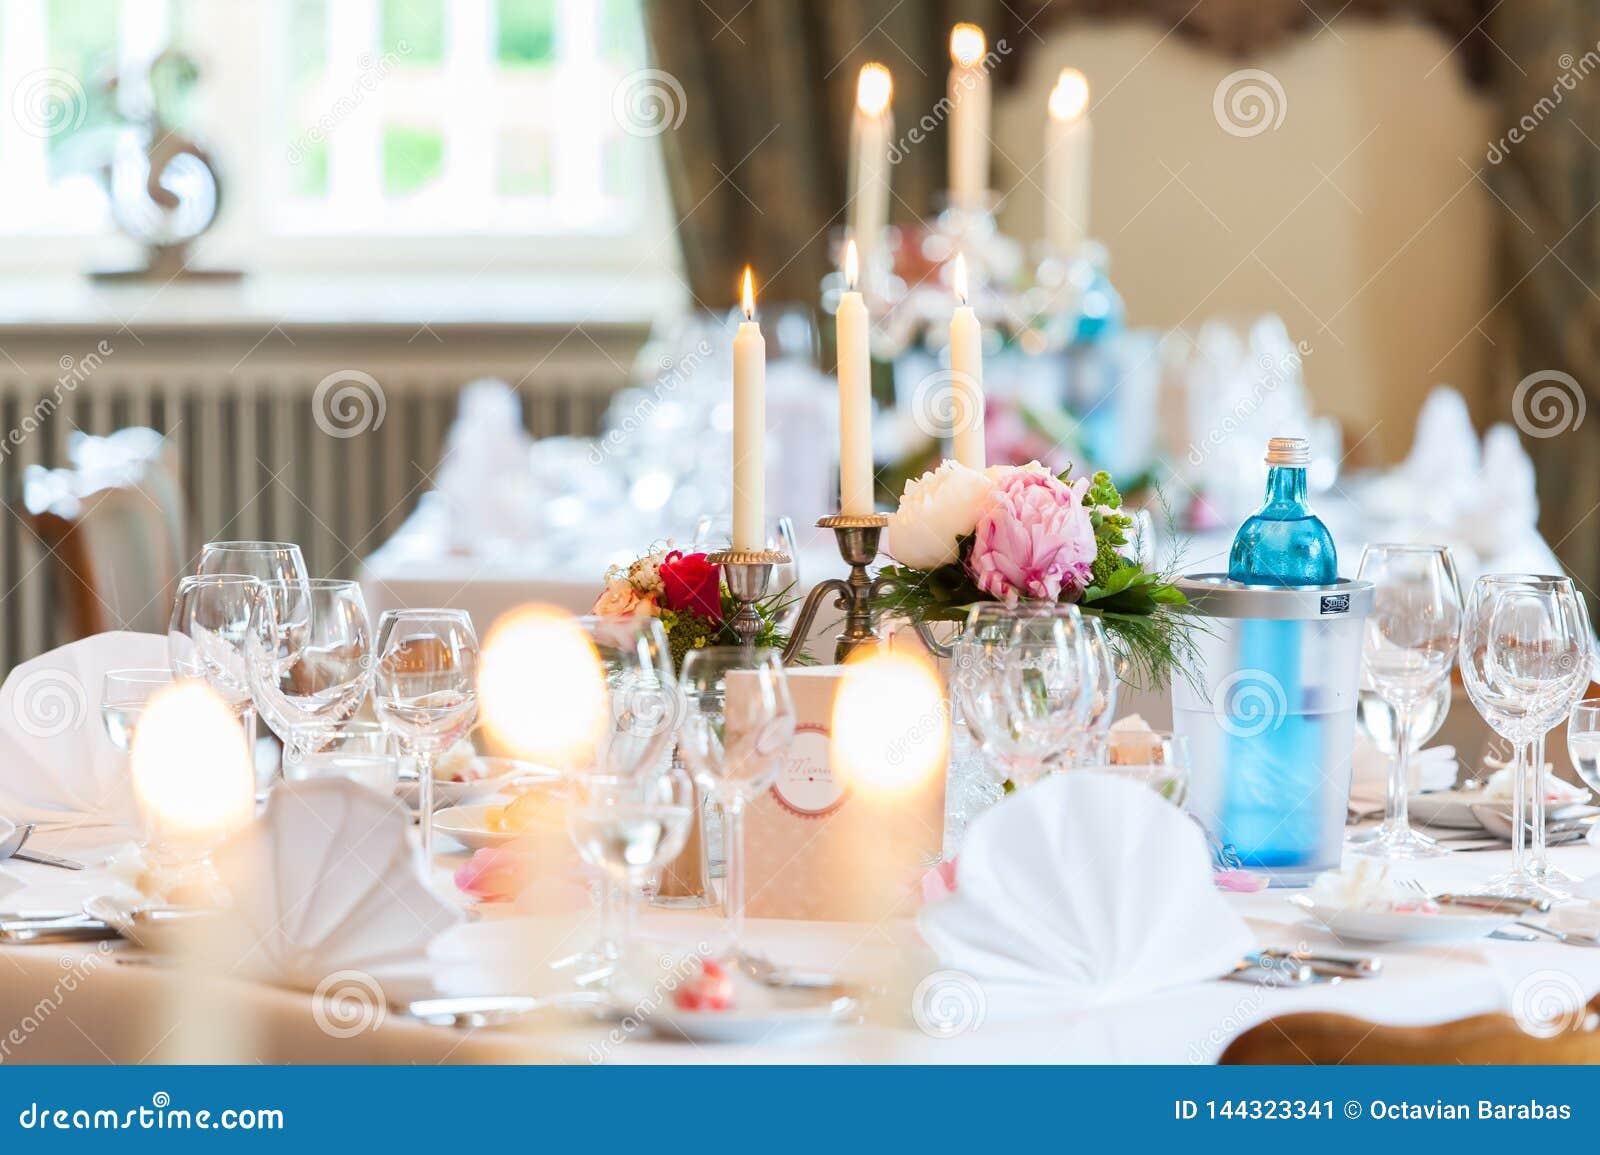 Διακόσμηση γαμήλιων πινάκων με τα κεριά και τα λουλούδια